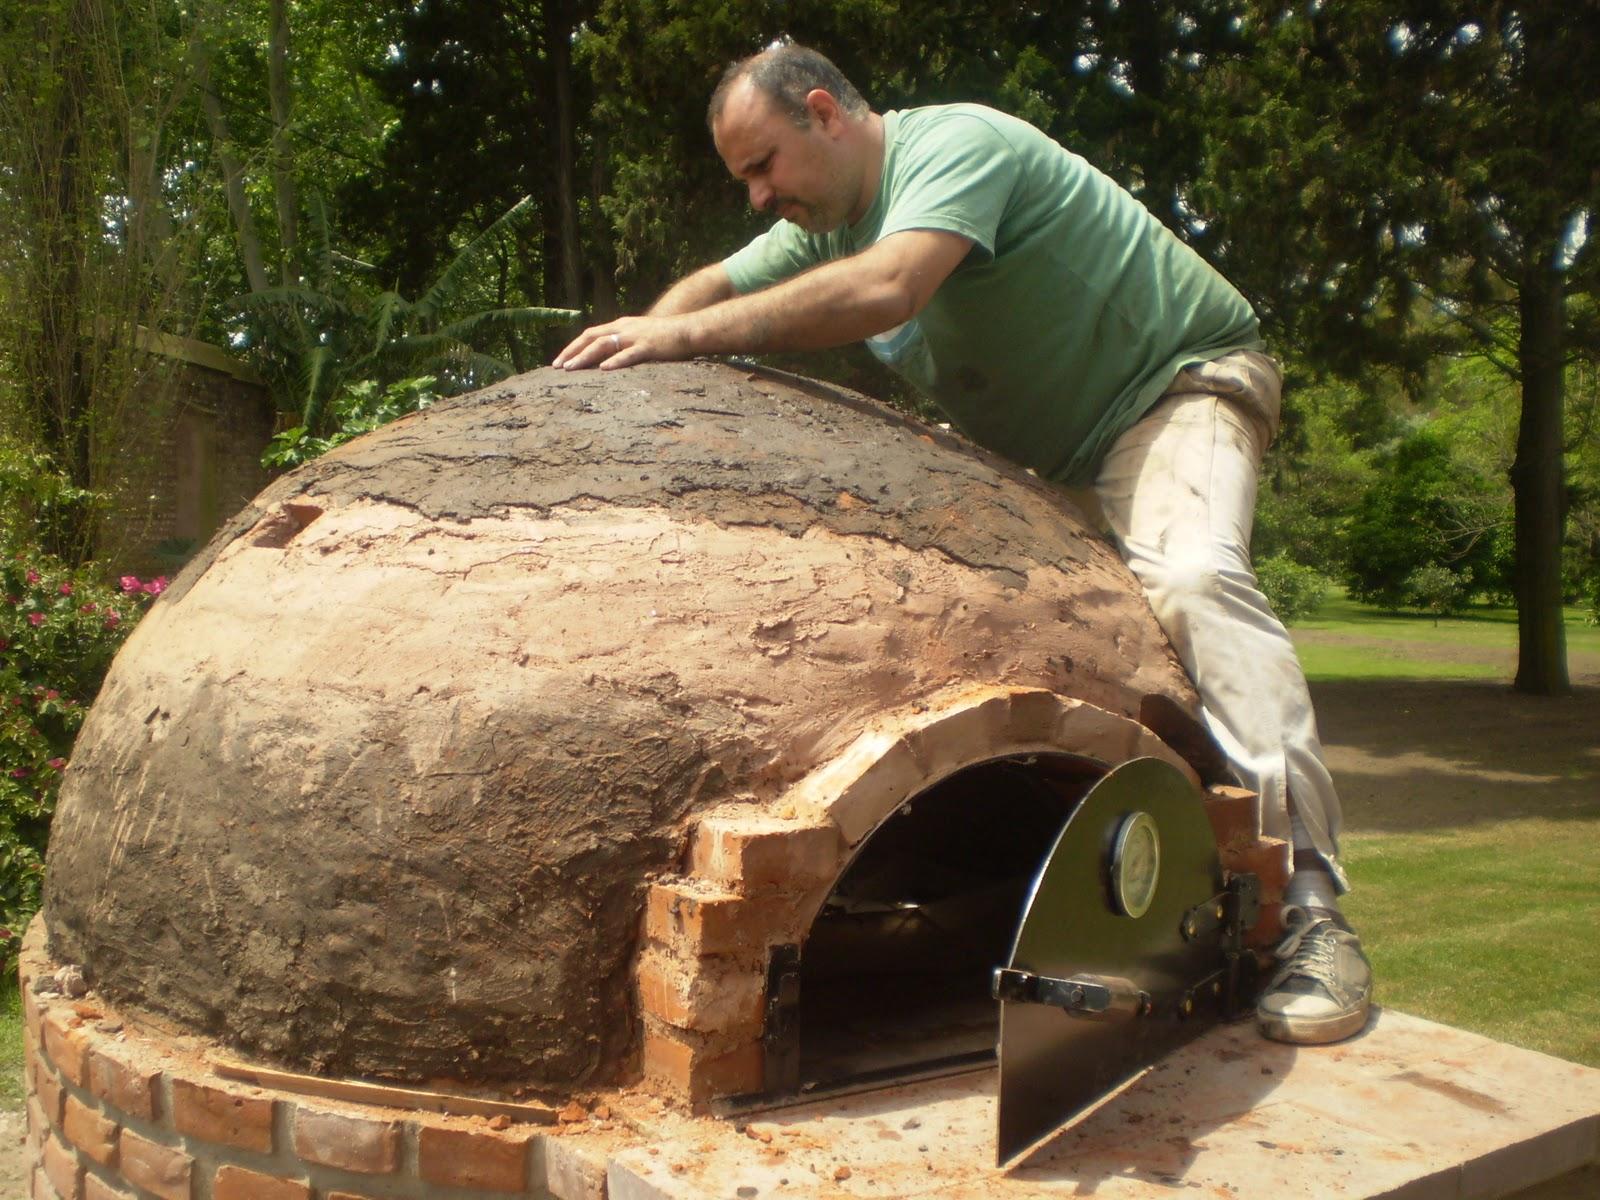 Manual para construir un horno de barro construir tv - Horno de piedra casero ...